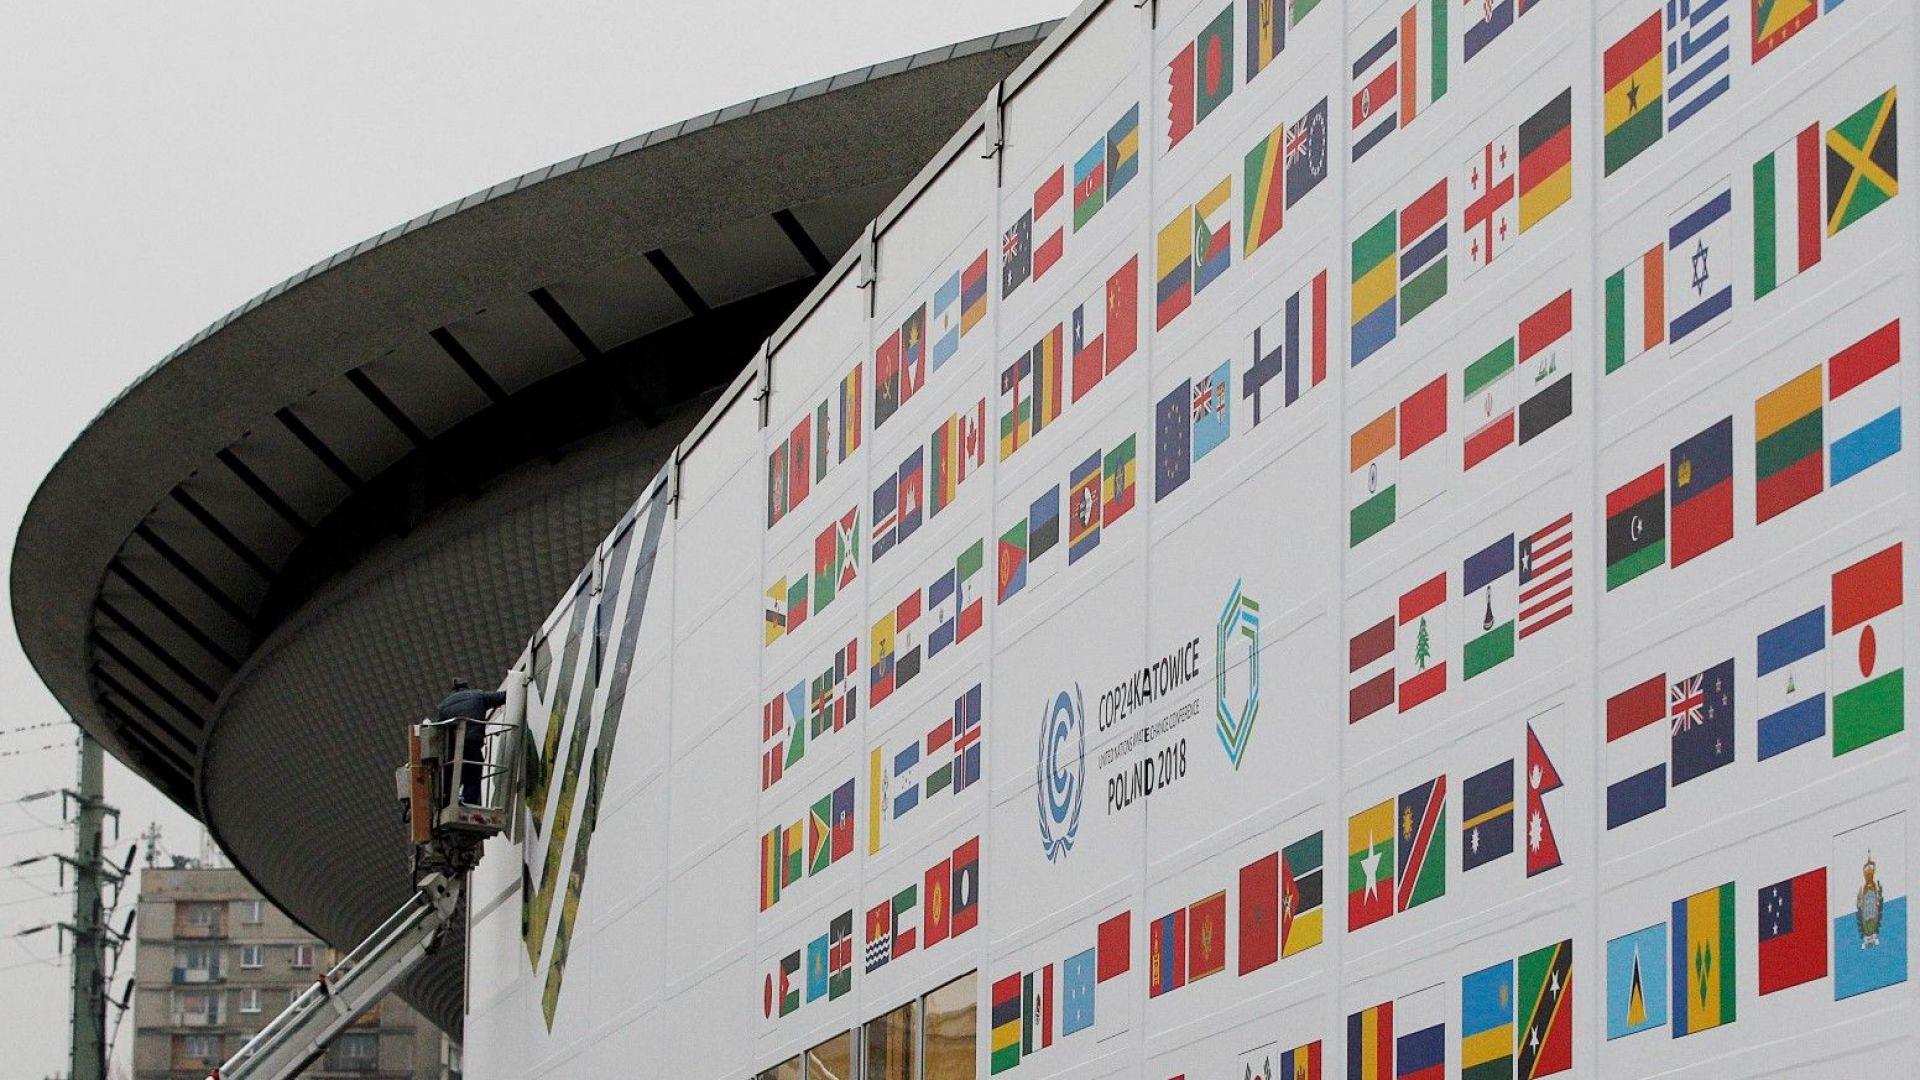 ООН: Великобритания да предаде контрола над островите Чагос